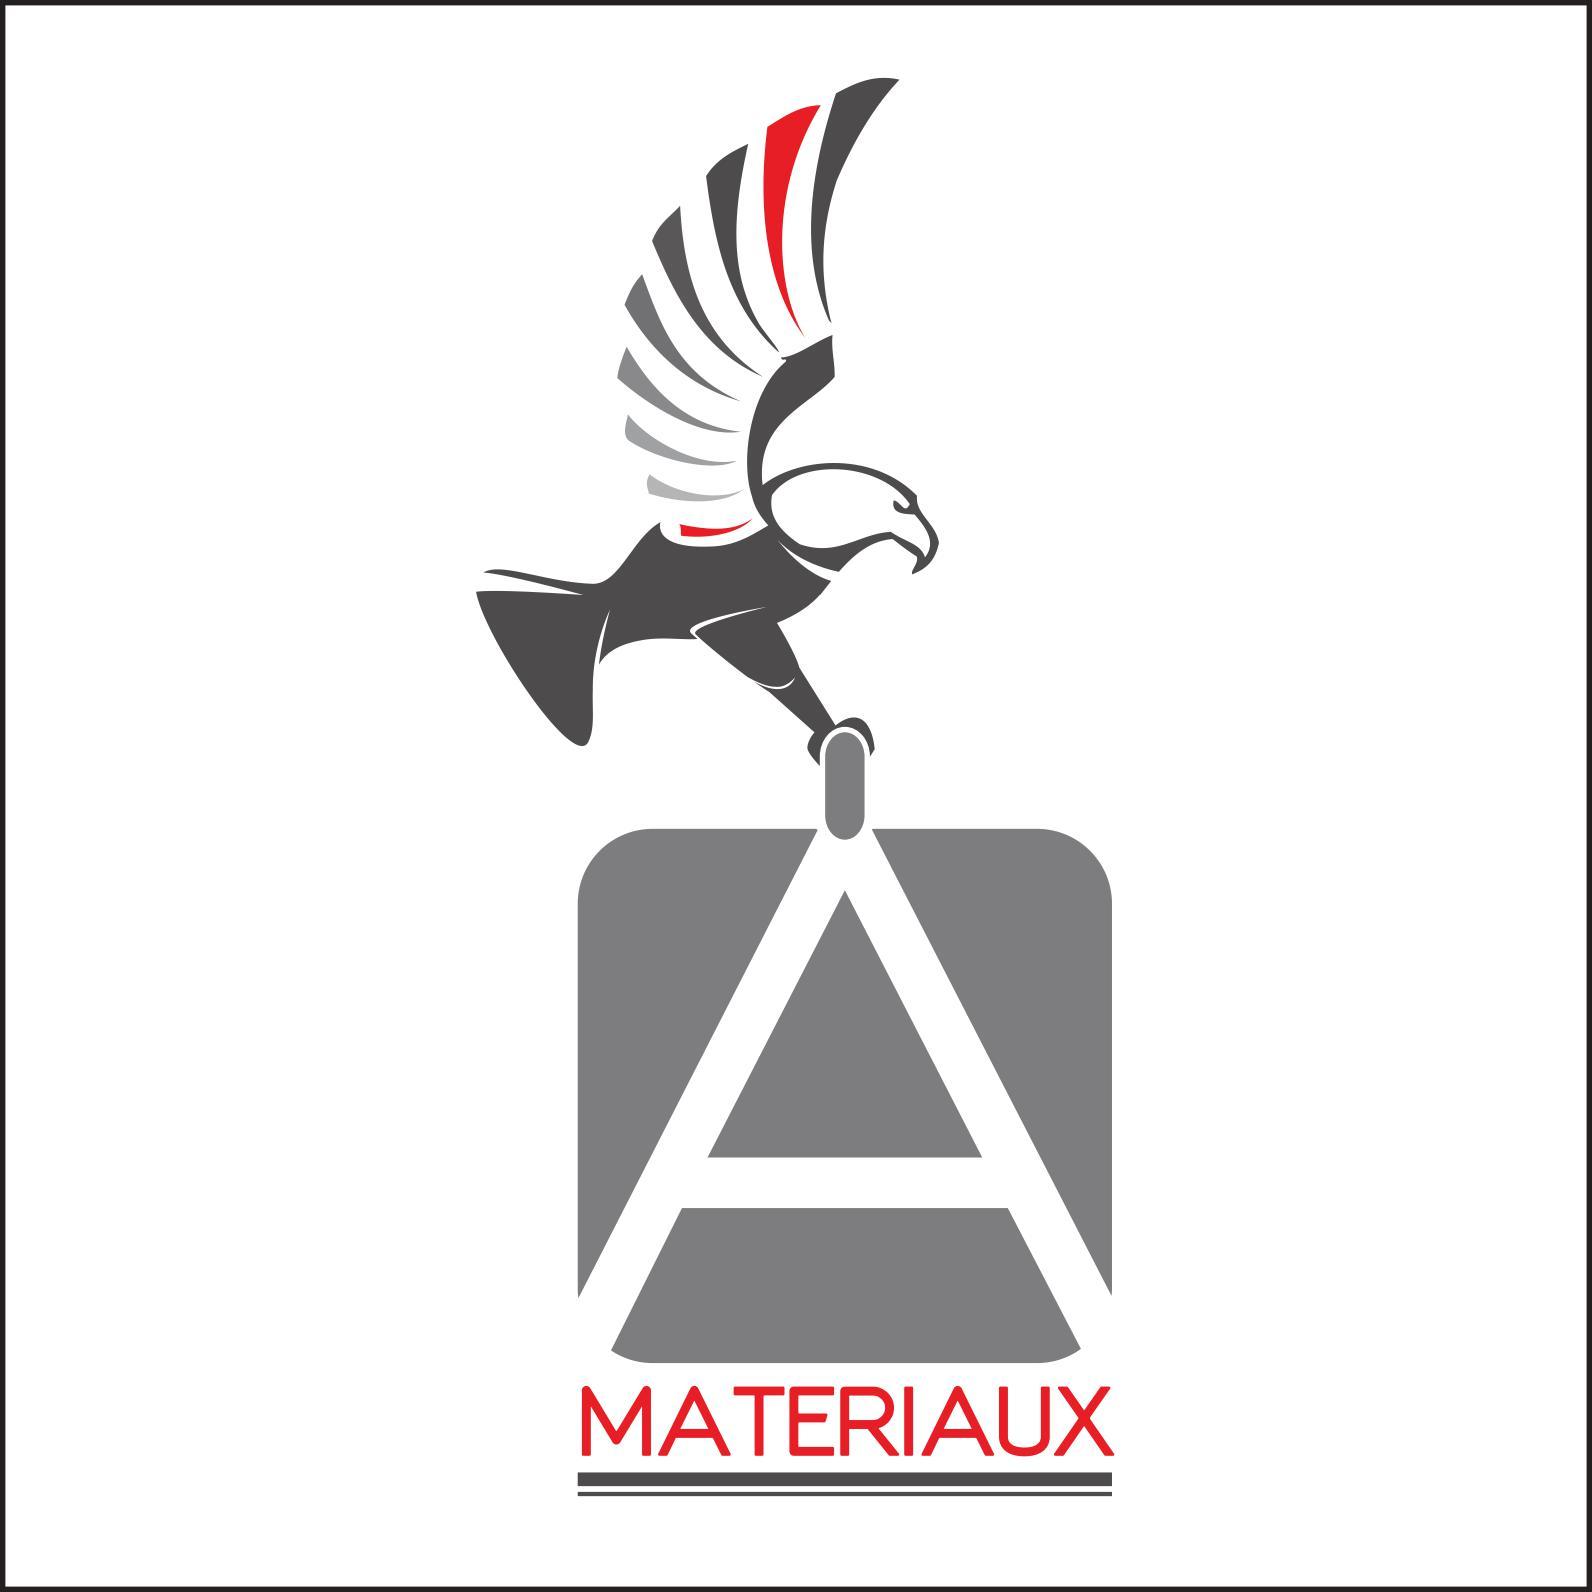 A MATERIAUX – Produits de TP, Batiment et Aménagement Extérieur